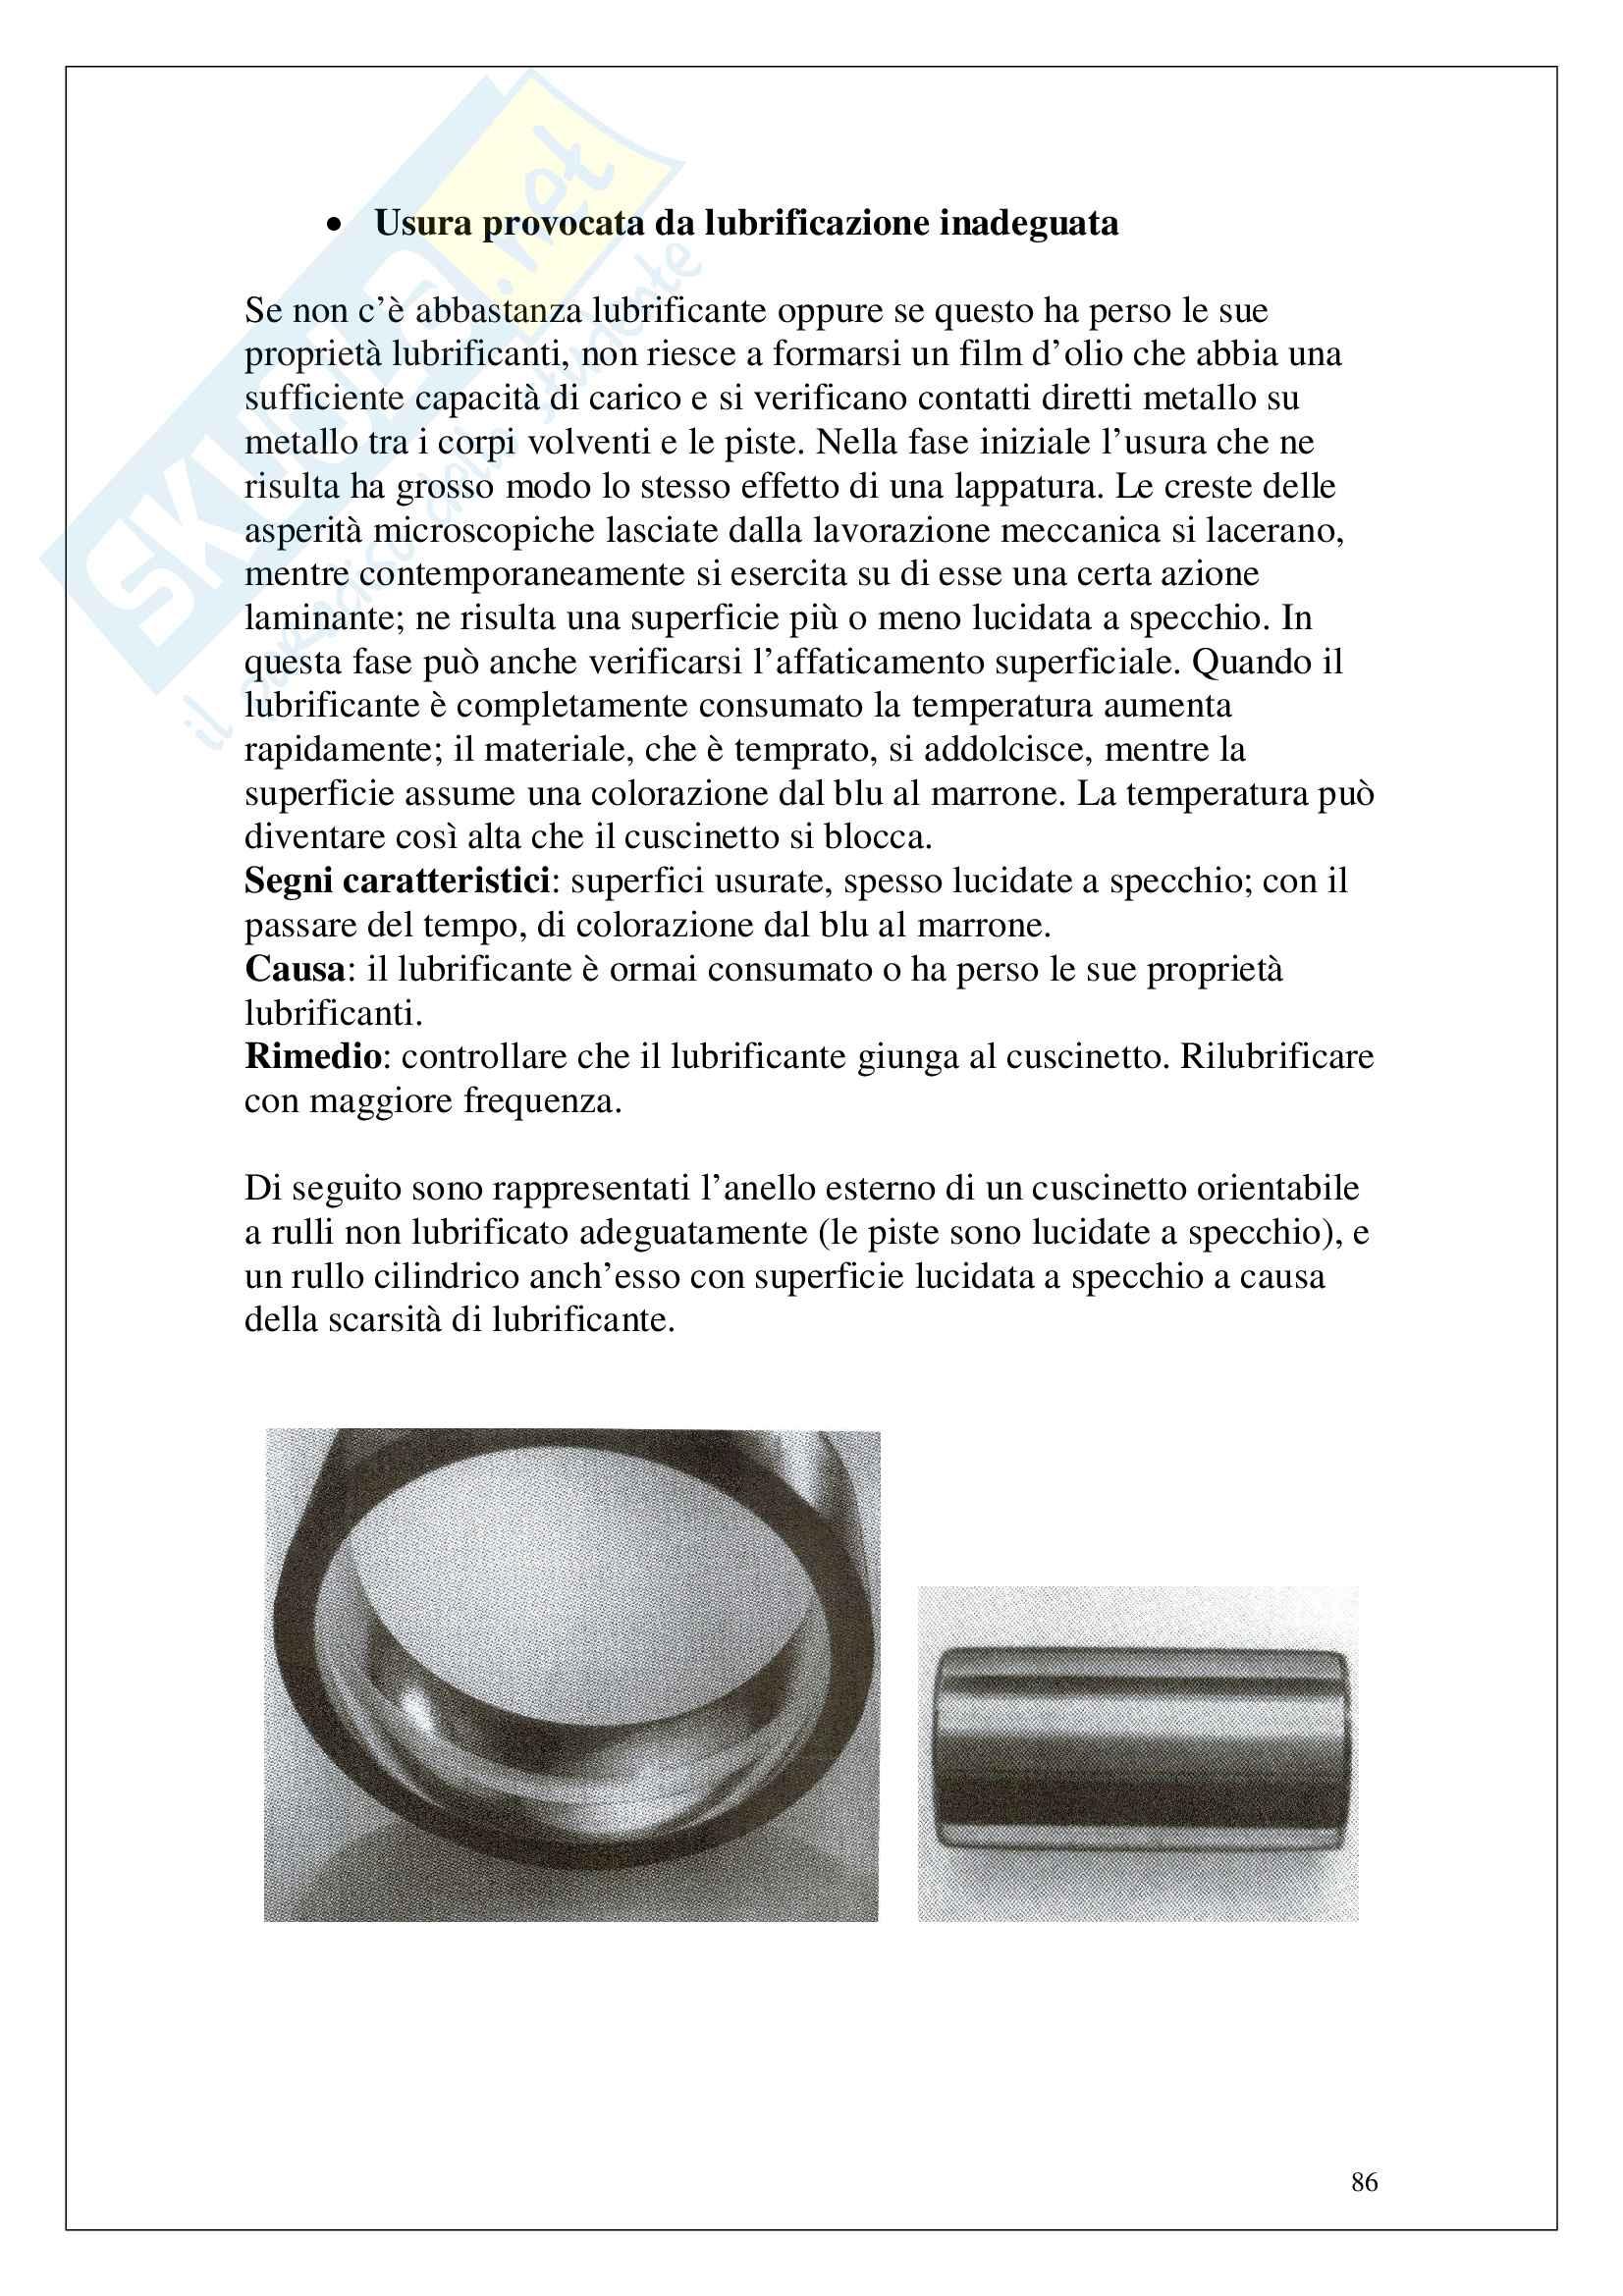 Scelta di cuscinetti per ventilatore centrifugo Pag. 86